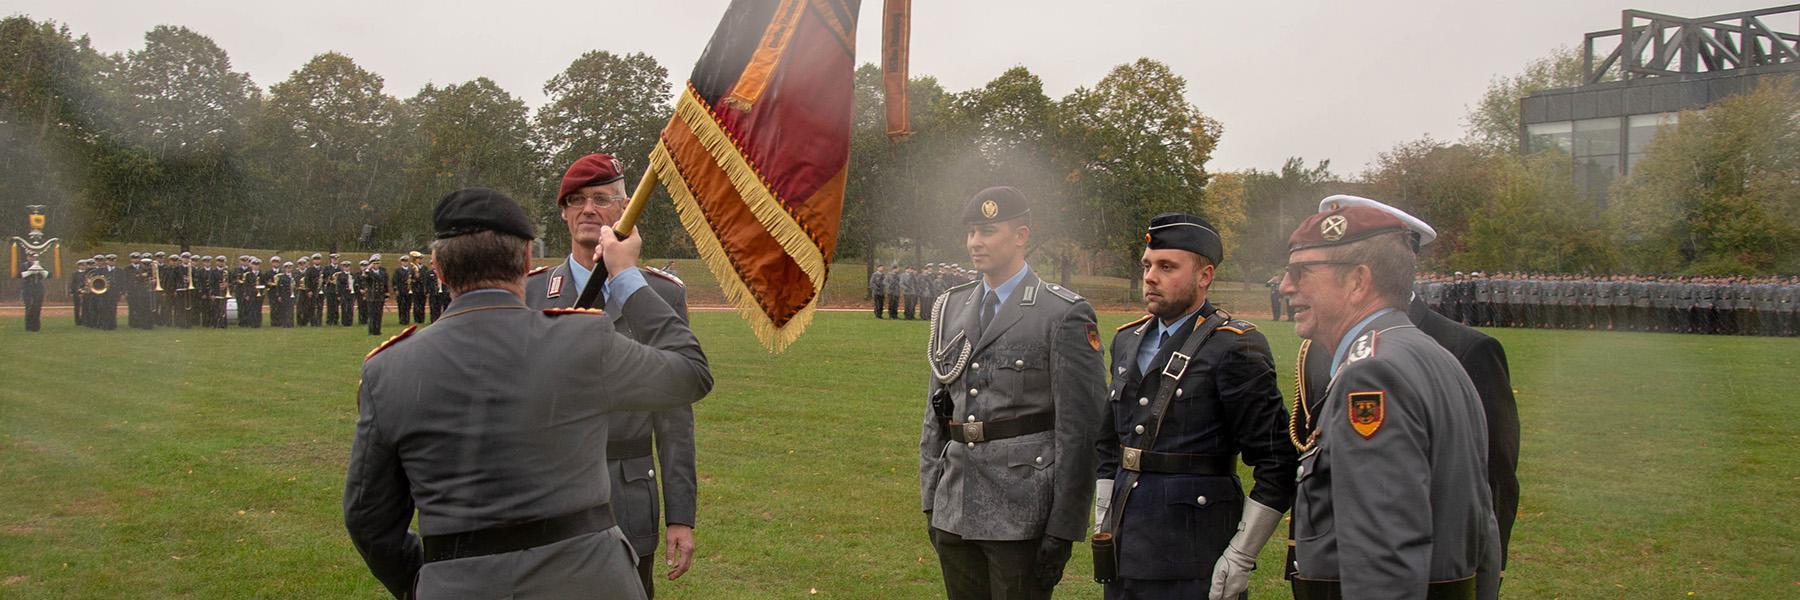 Männer in nassen Uniformen stehen auf dem Rasen, im Hintergrund steht eine Formation aus ebenfalls nassen Soldatinnen und Soldaten; einer übergibt eine Flagge an einen anderen.